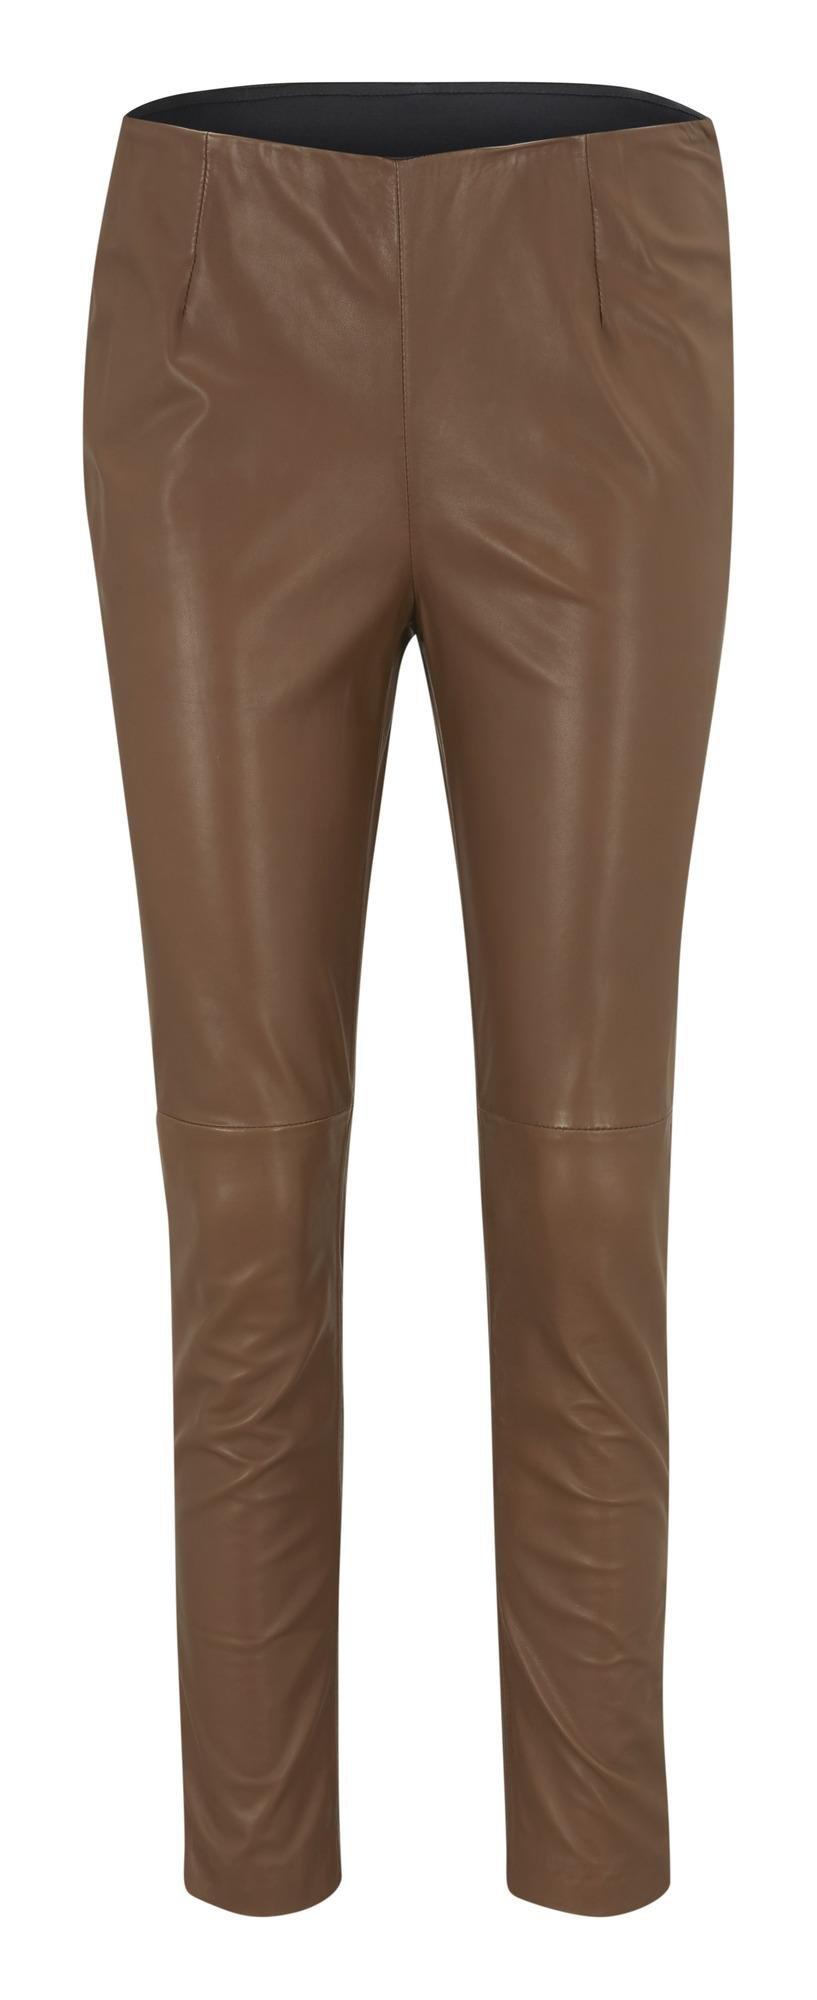 RICK CARDONA by Heine Leren legging voordelig en veilig online kopen